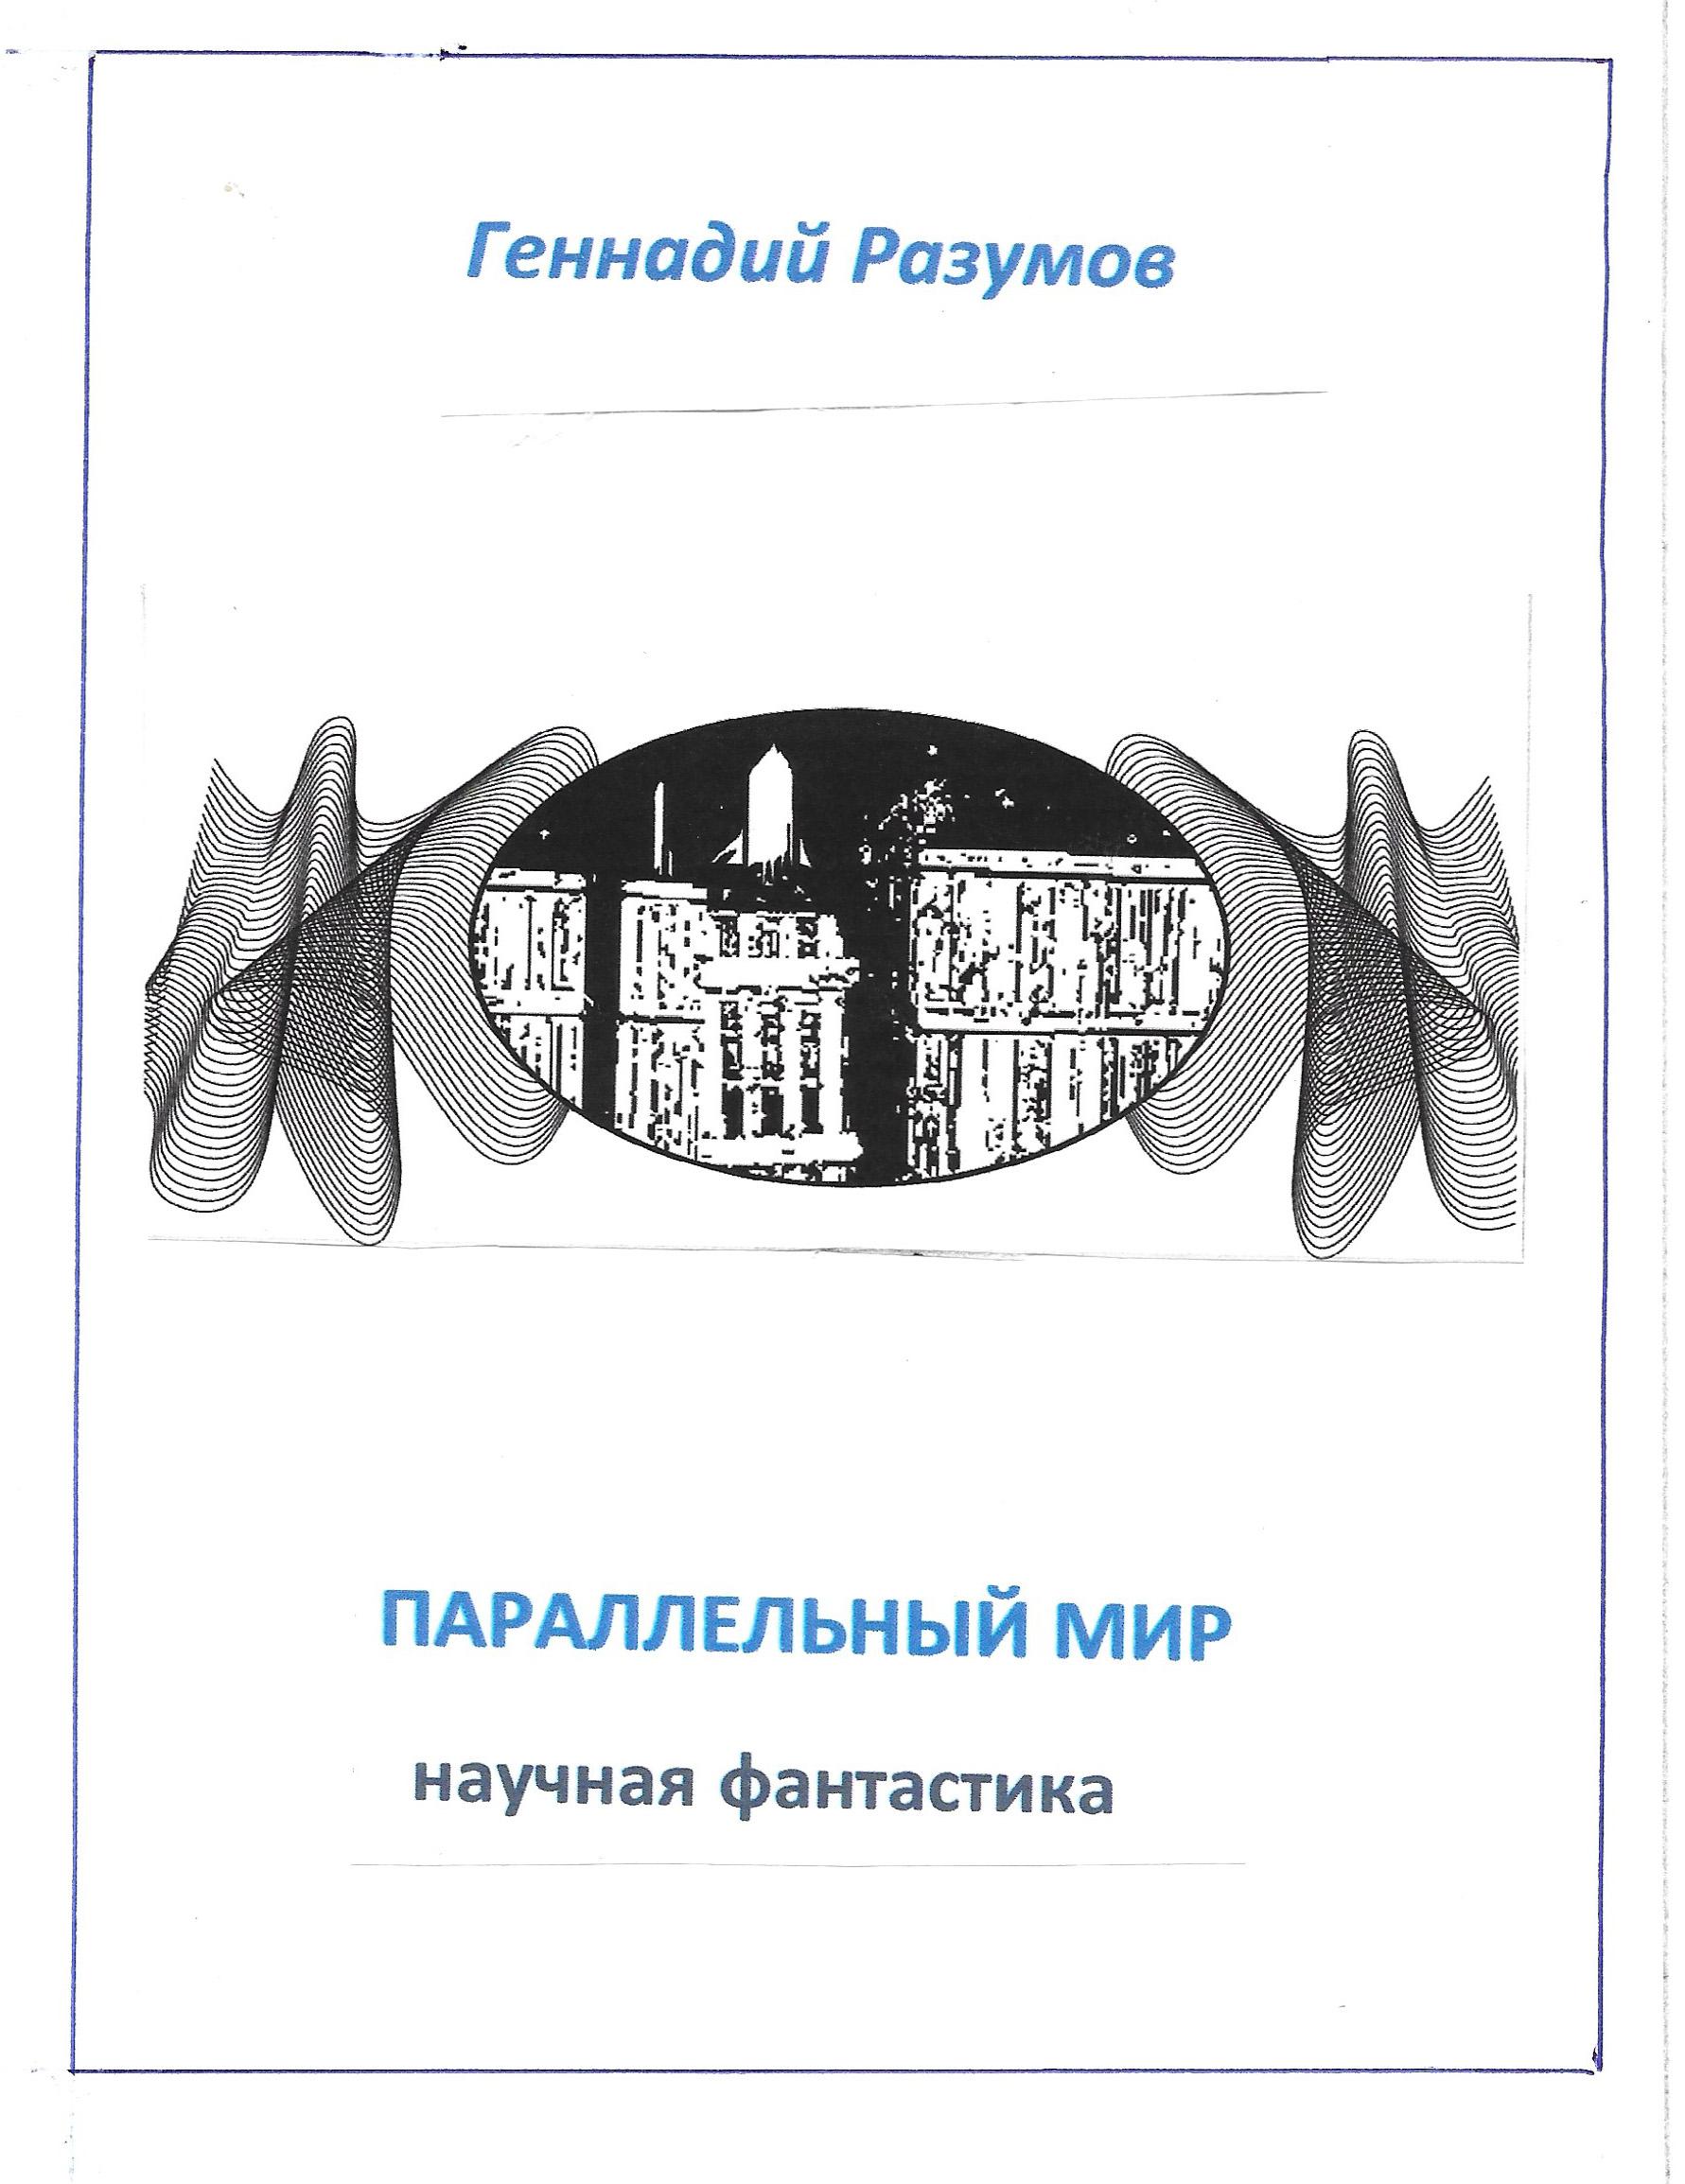 Геннадий Разумов Параллельный мир цена